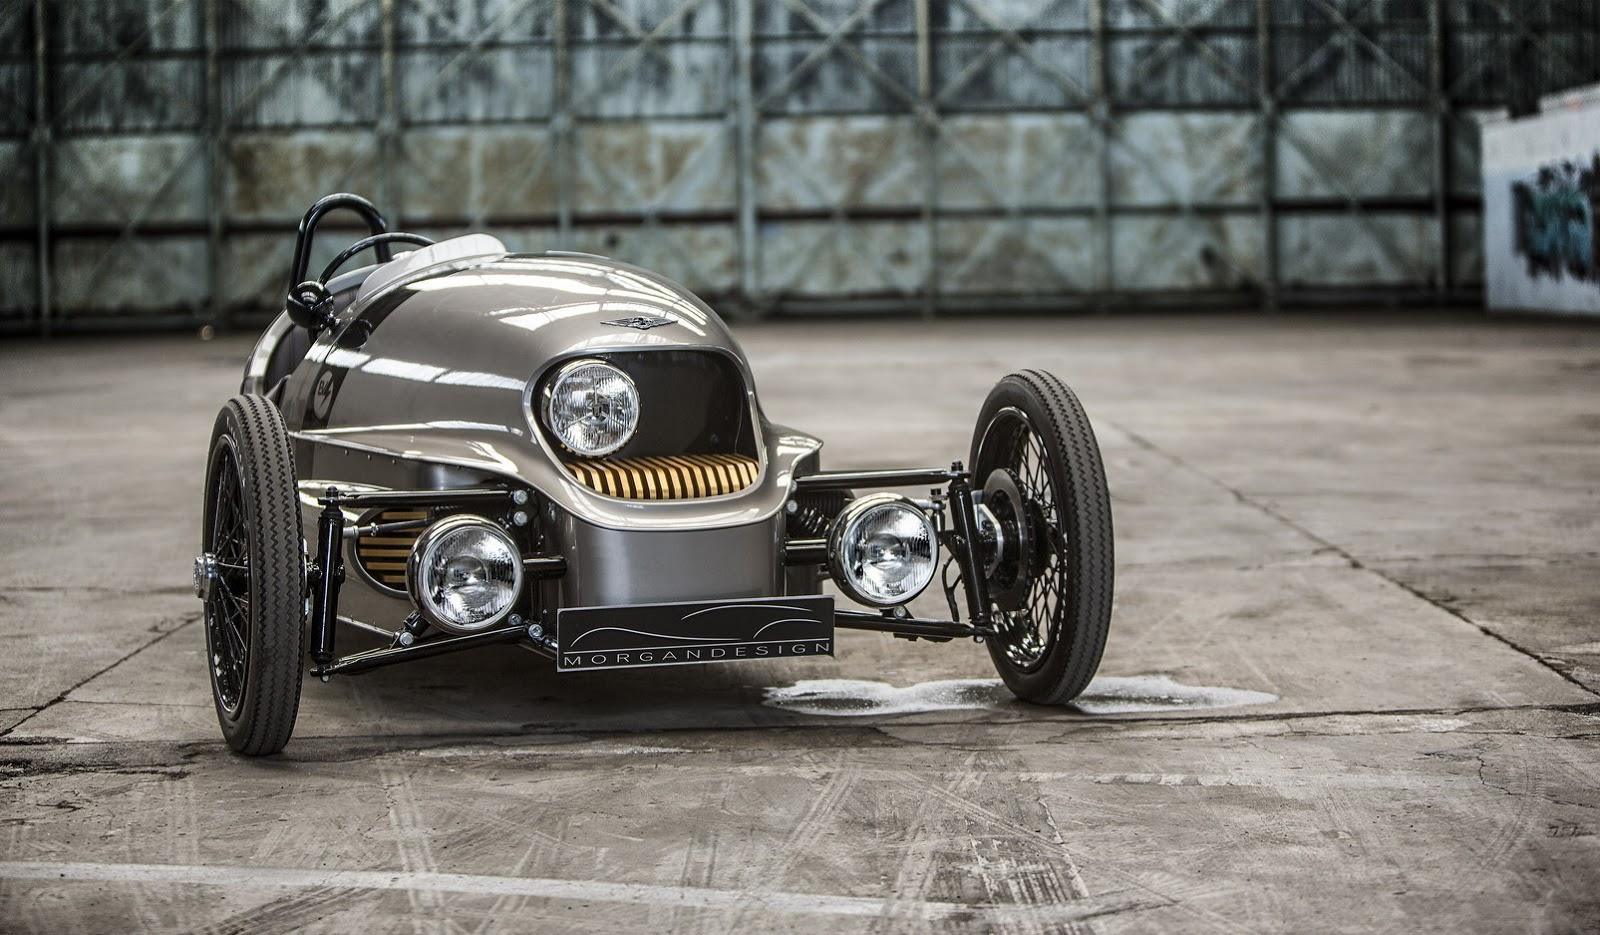 Morgan Cars - News: The EV3, Morgans all-electric 3 wheeler